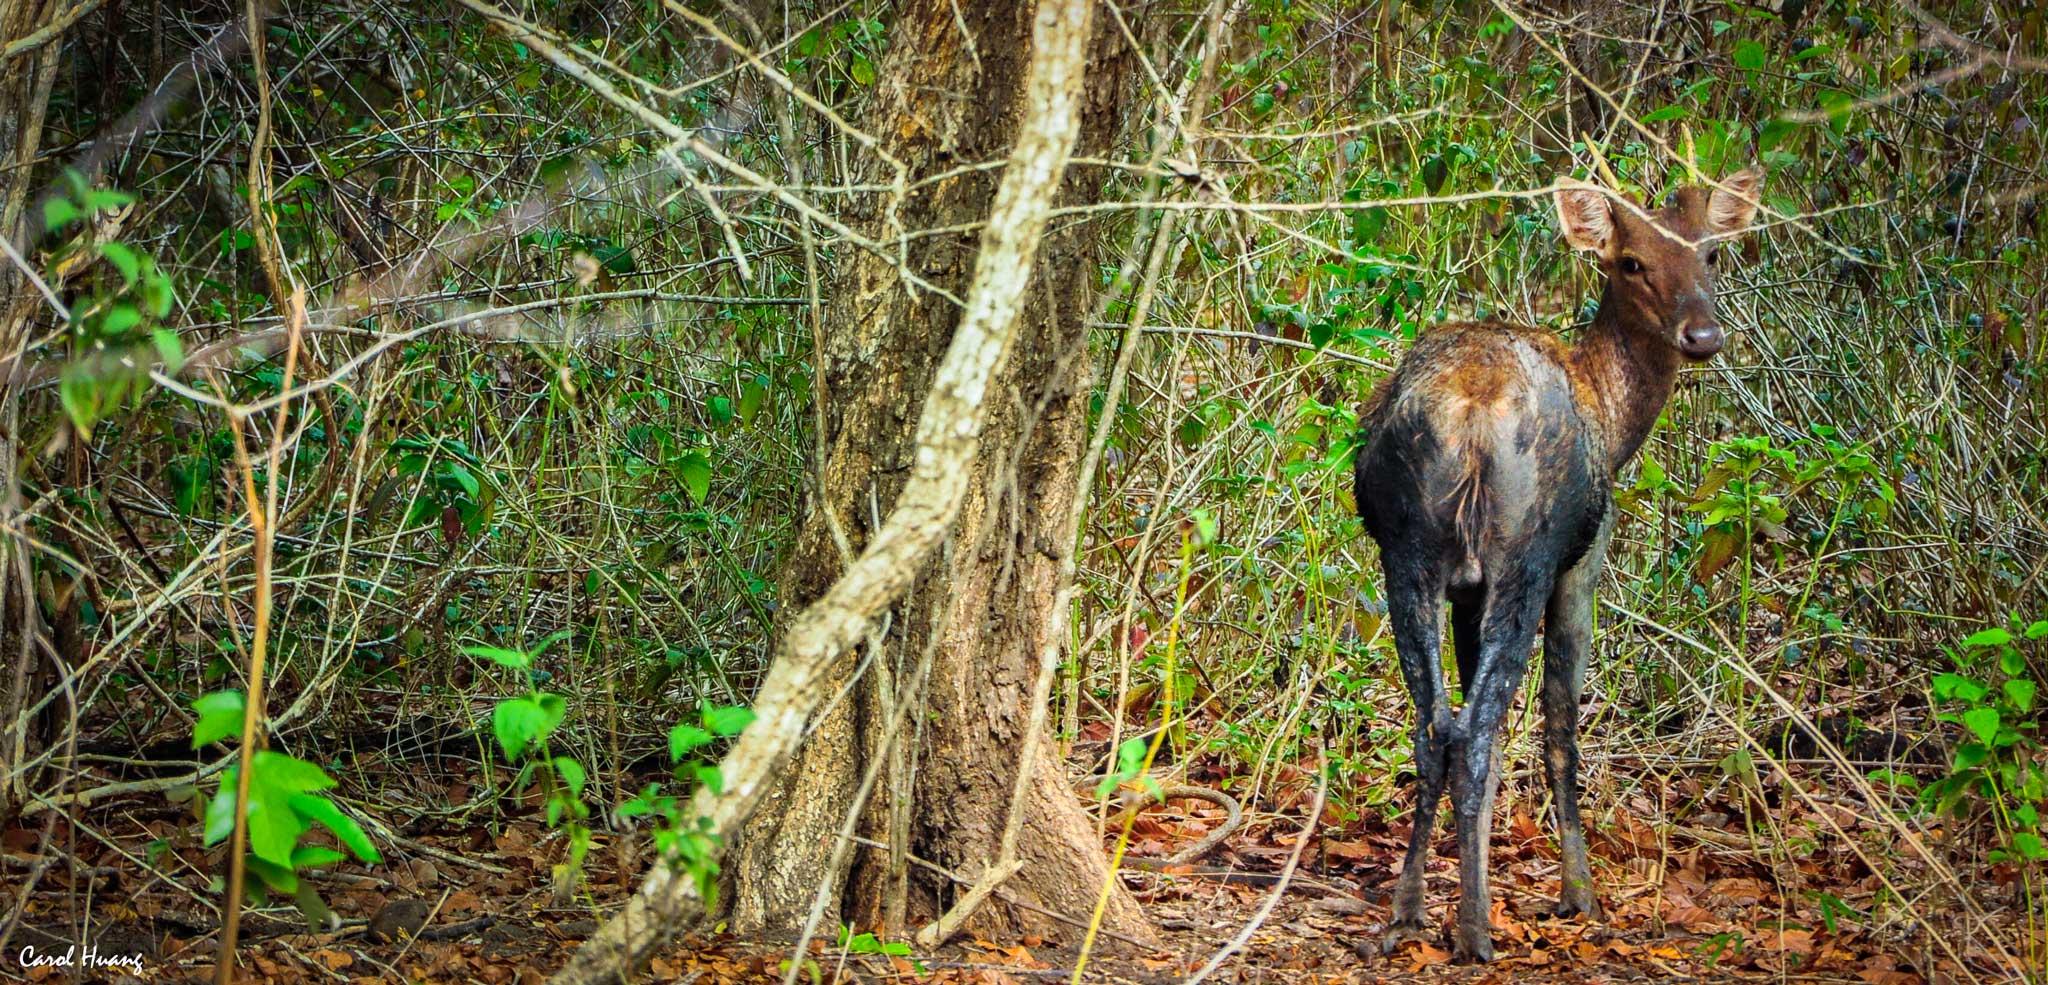 Deer in Komodo National Park